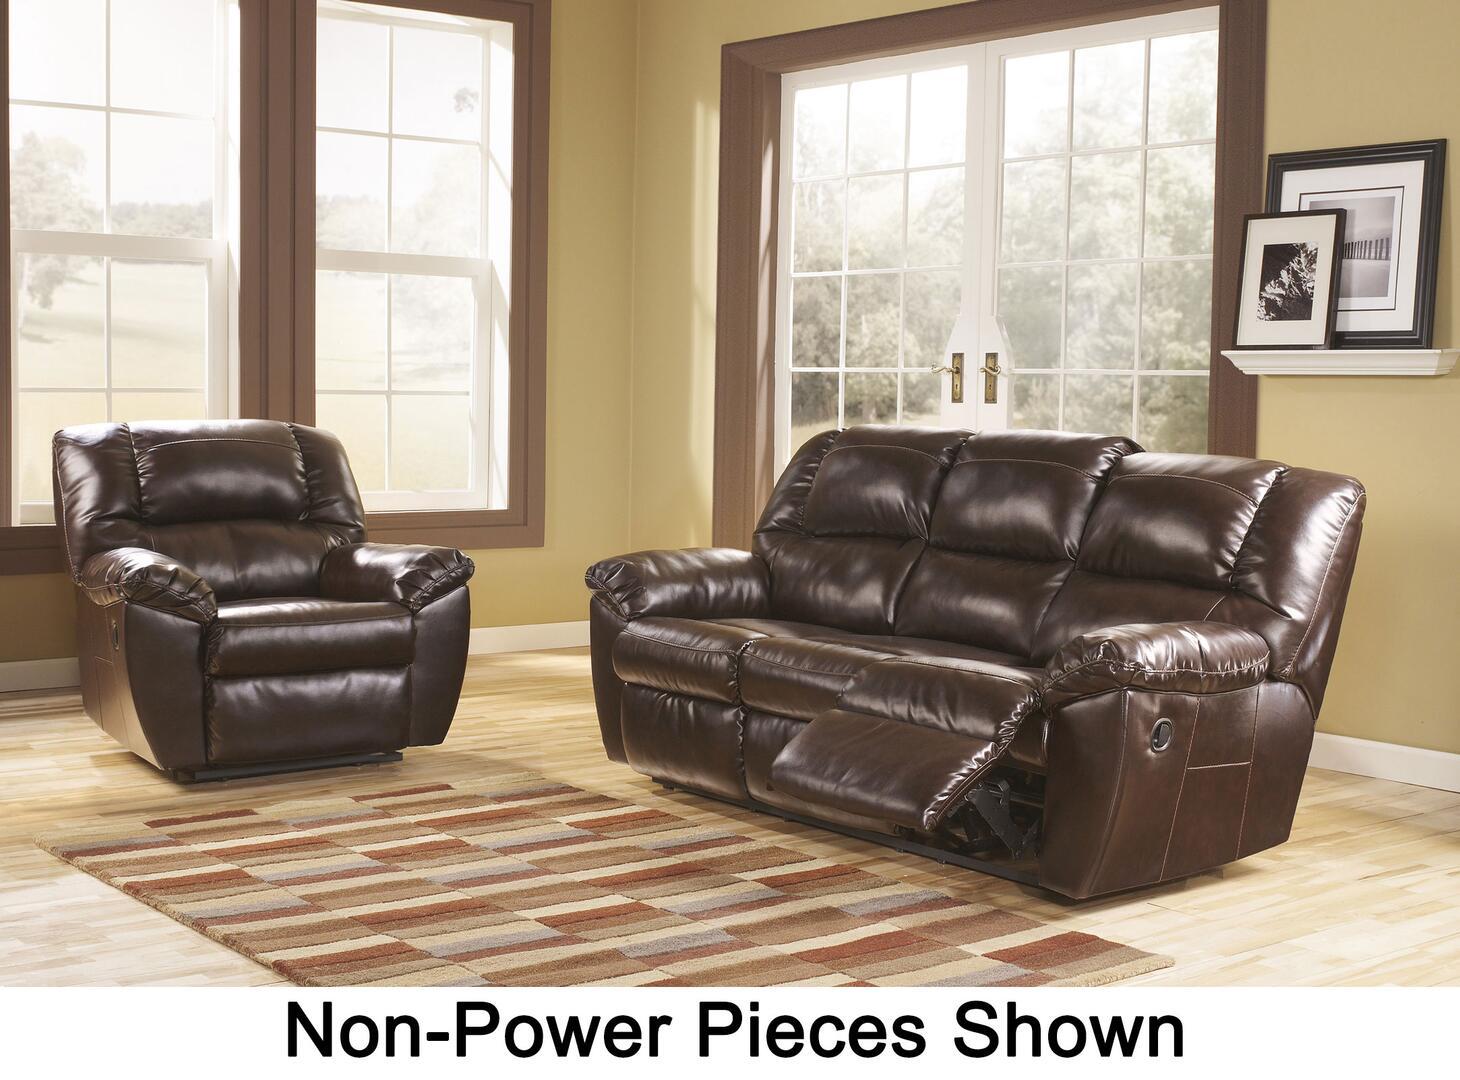 Signature design by ashley 53000psr rouge living room sets for Living room furniture 0 finance